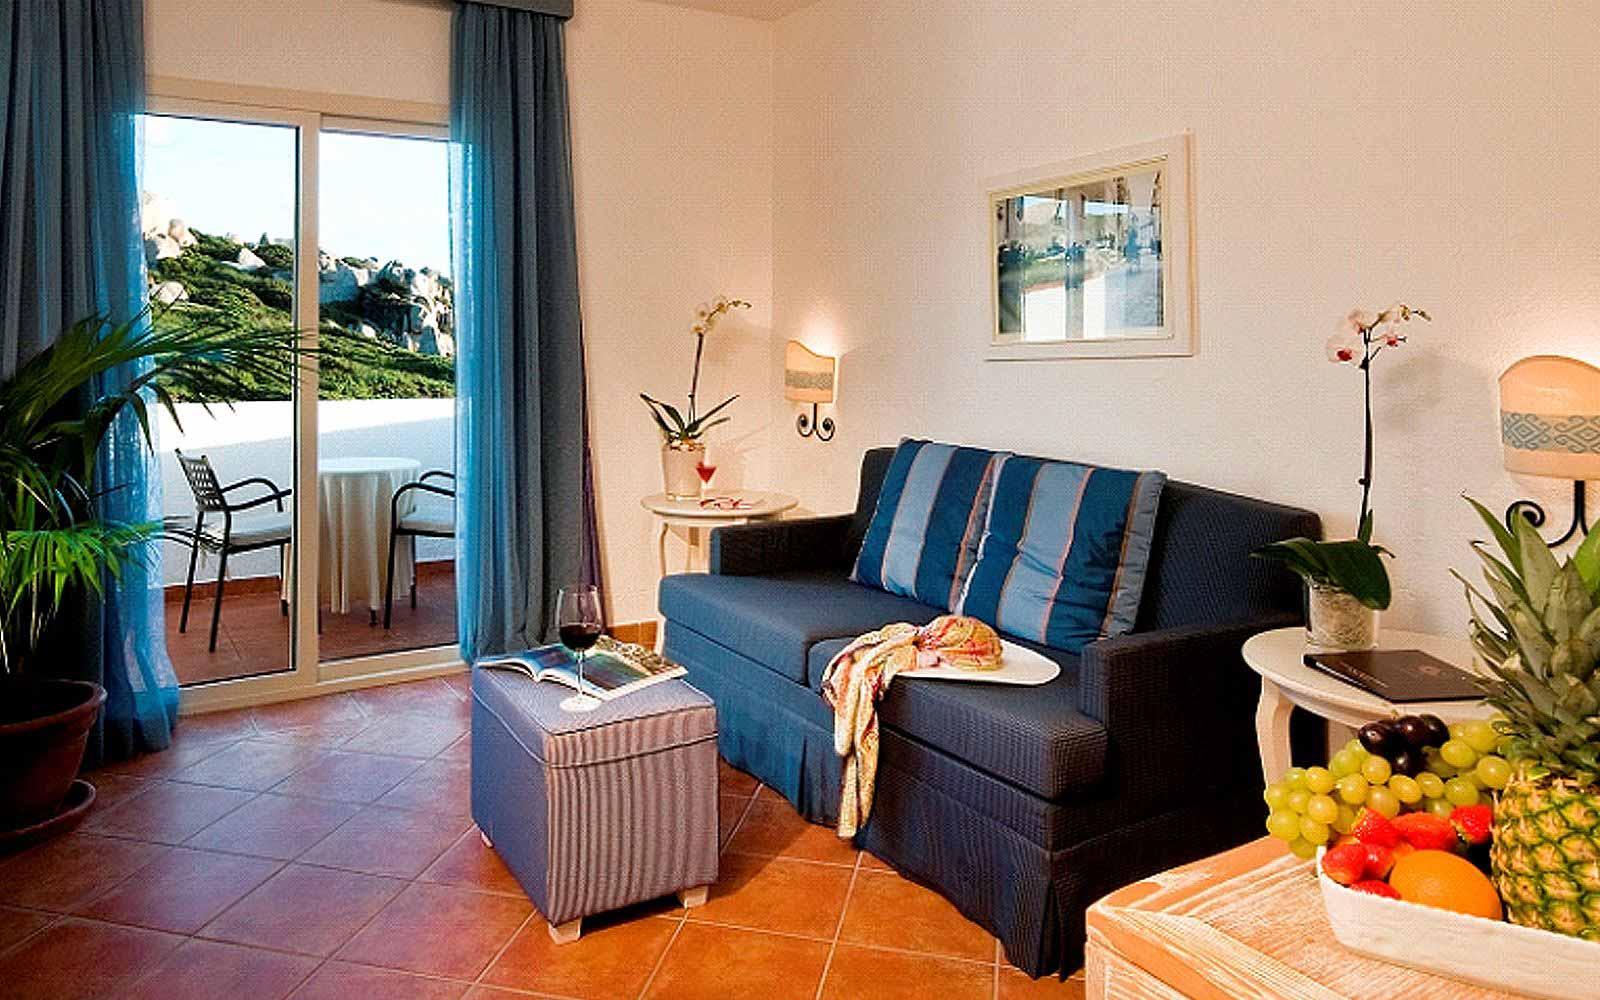 Family room at the Colonna Grand Hotel Capo Testa